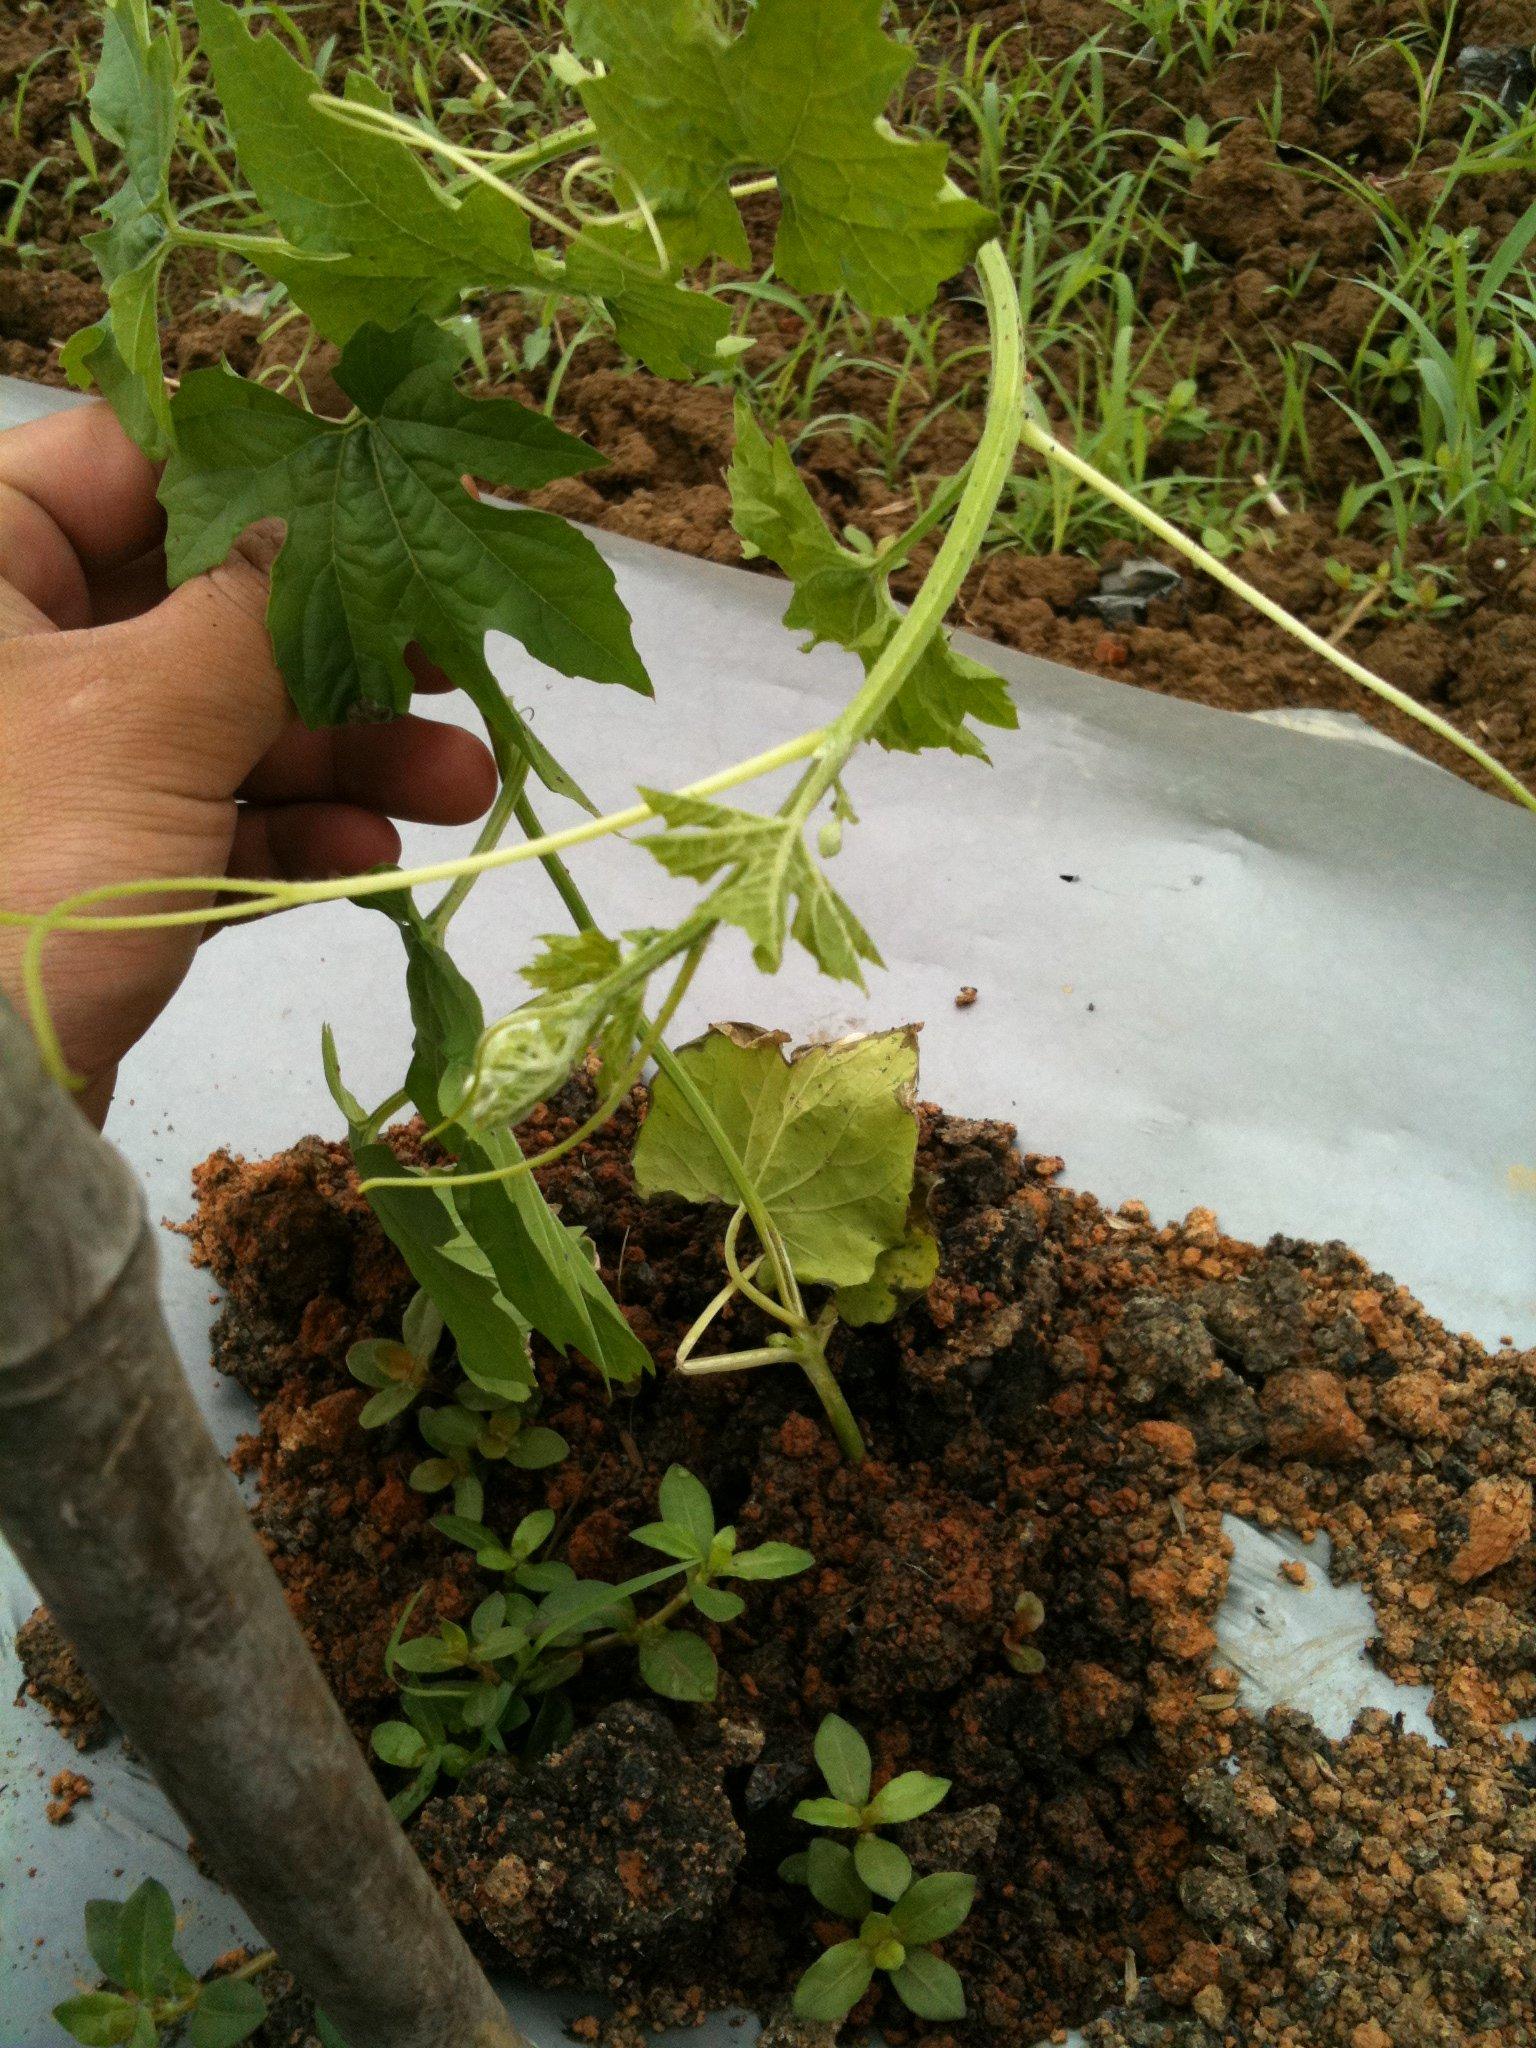 苦瓜根部开裂和叶子上长黄点